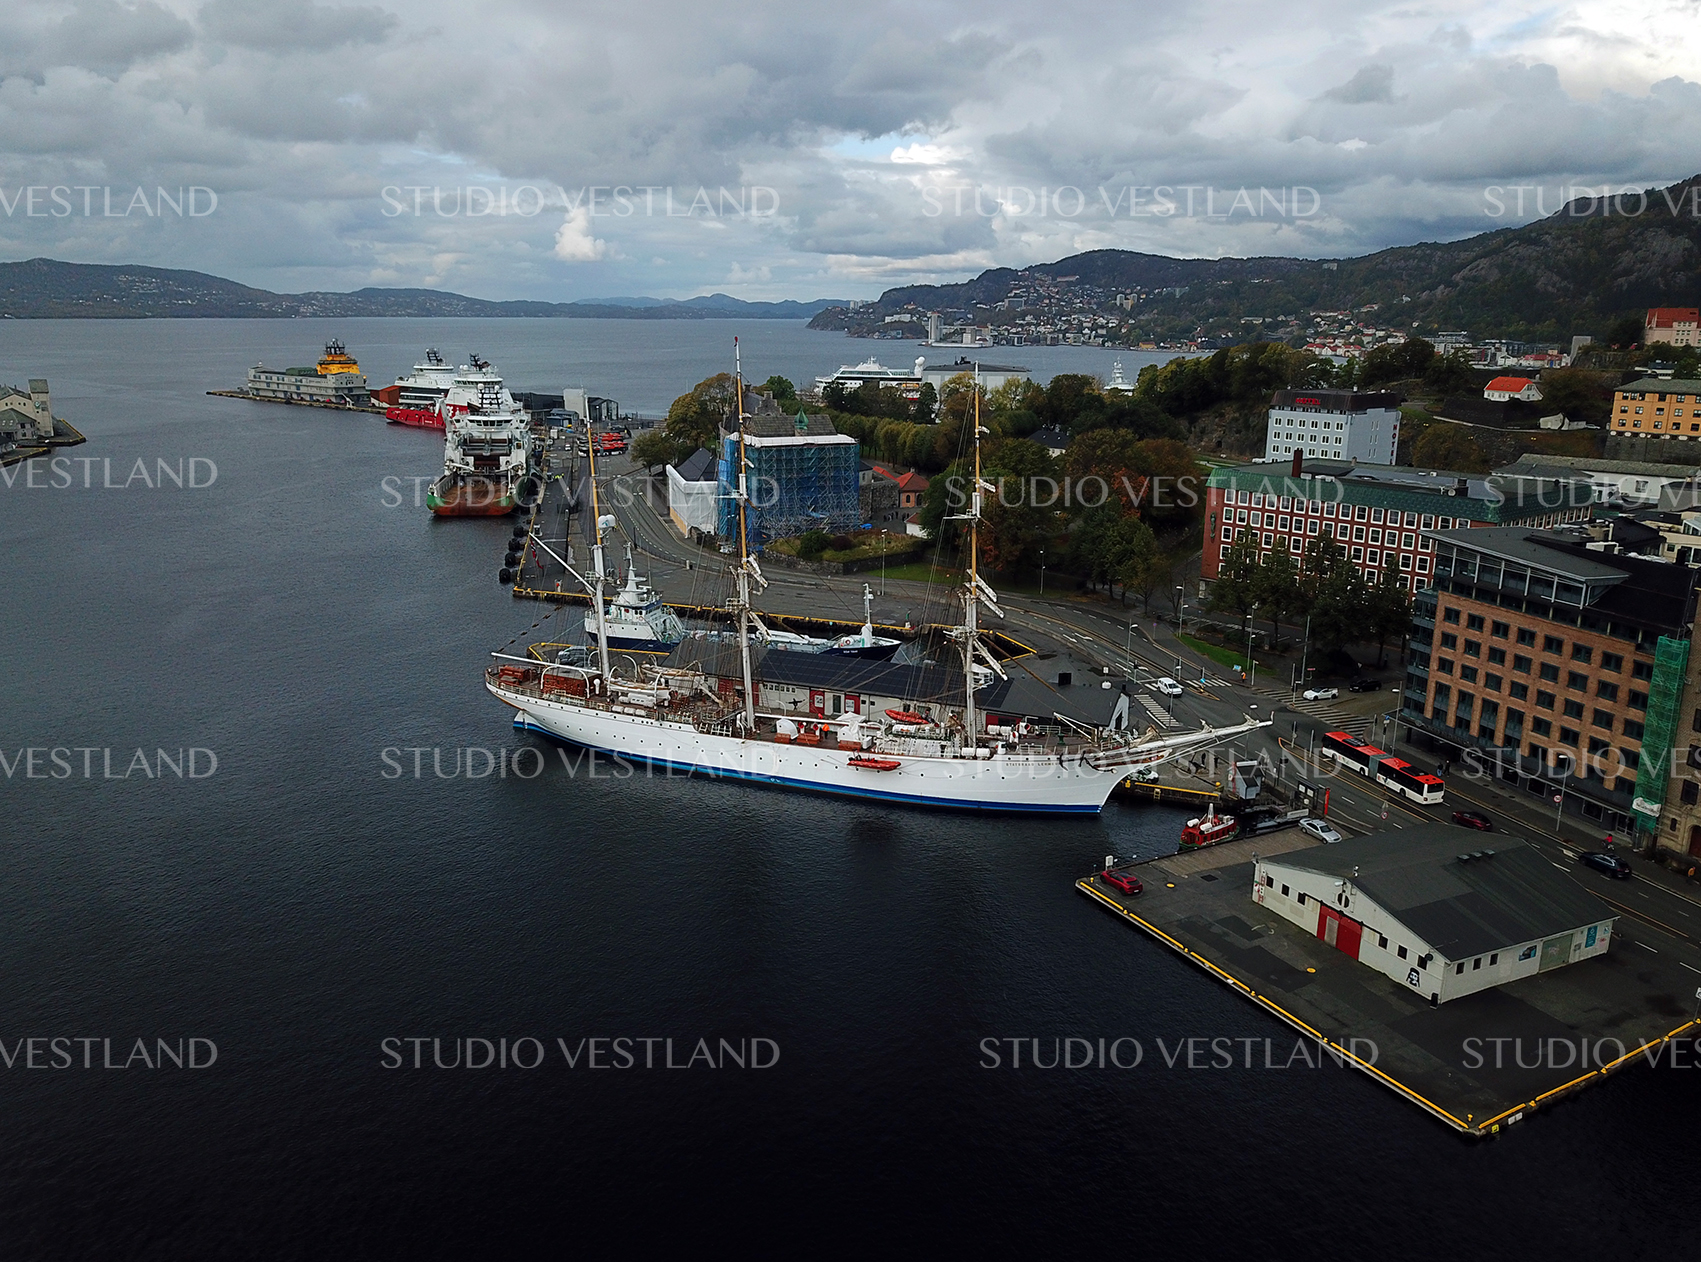 Studio Vestland - Bergen 13